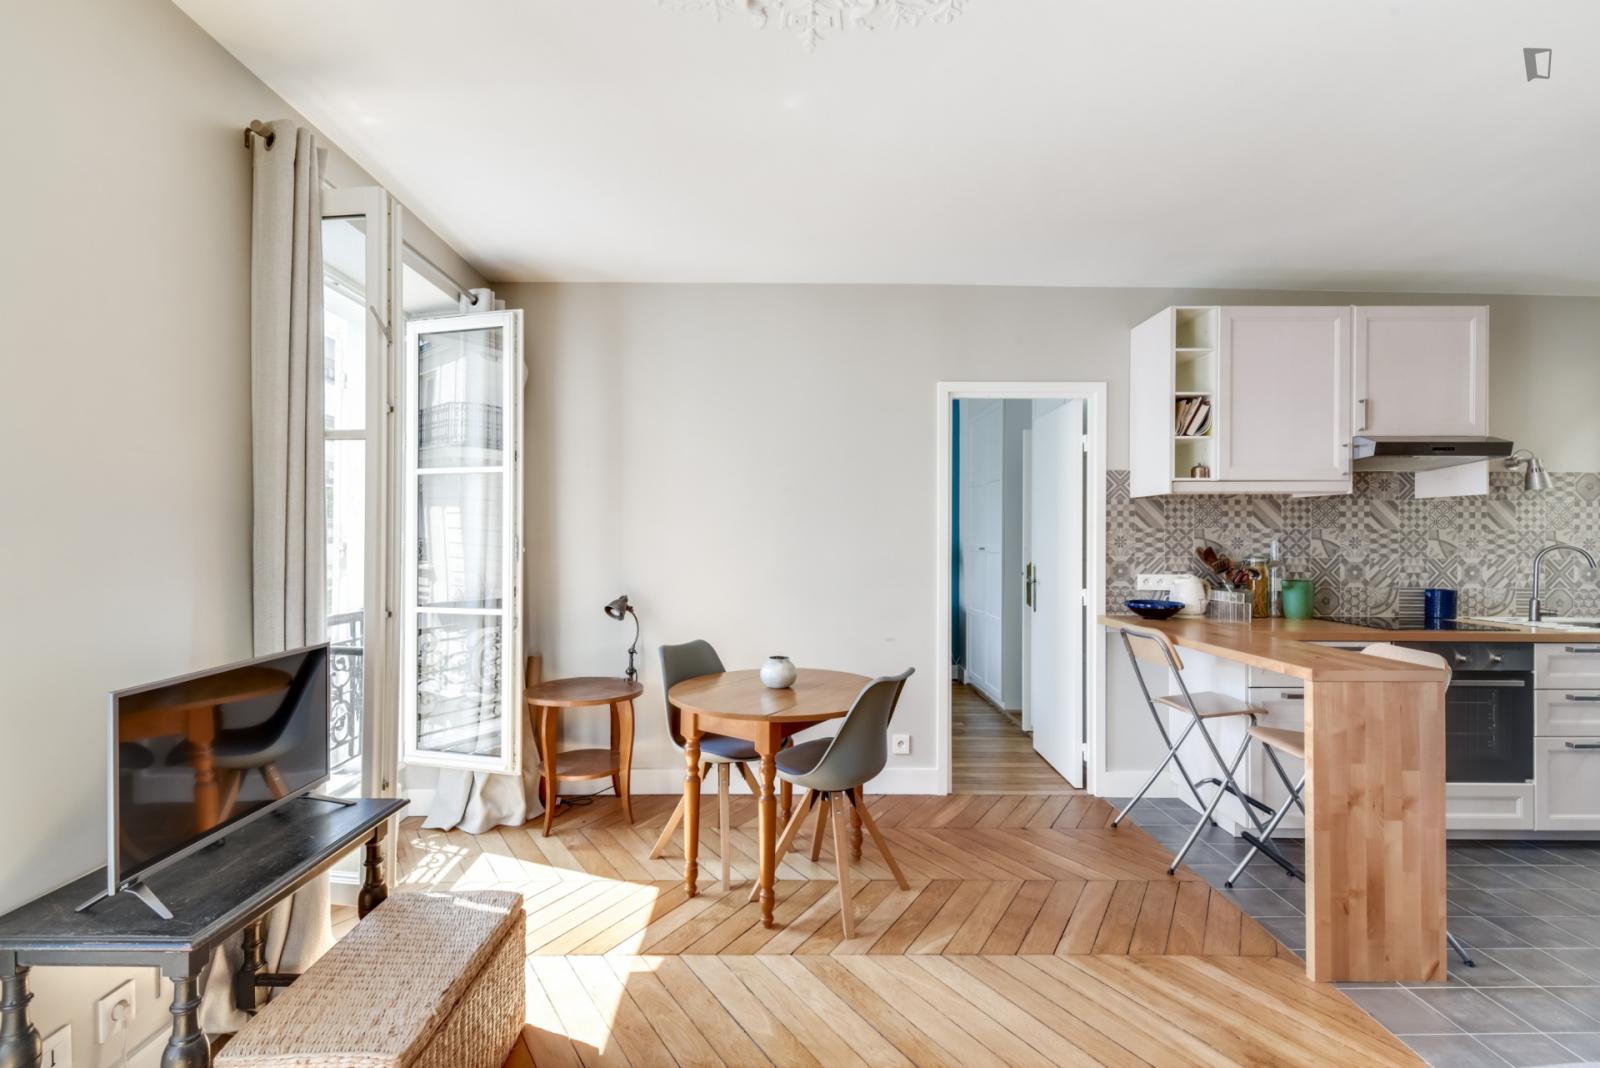 44 Rue Pierre Nicole, 5th arrondissement of Paris, FR-75 - 1,955 EUR/ month